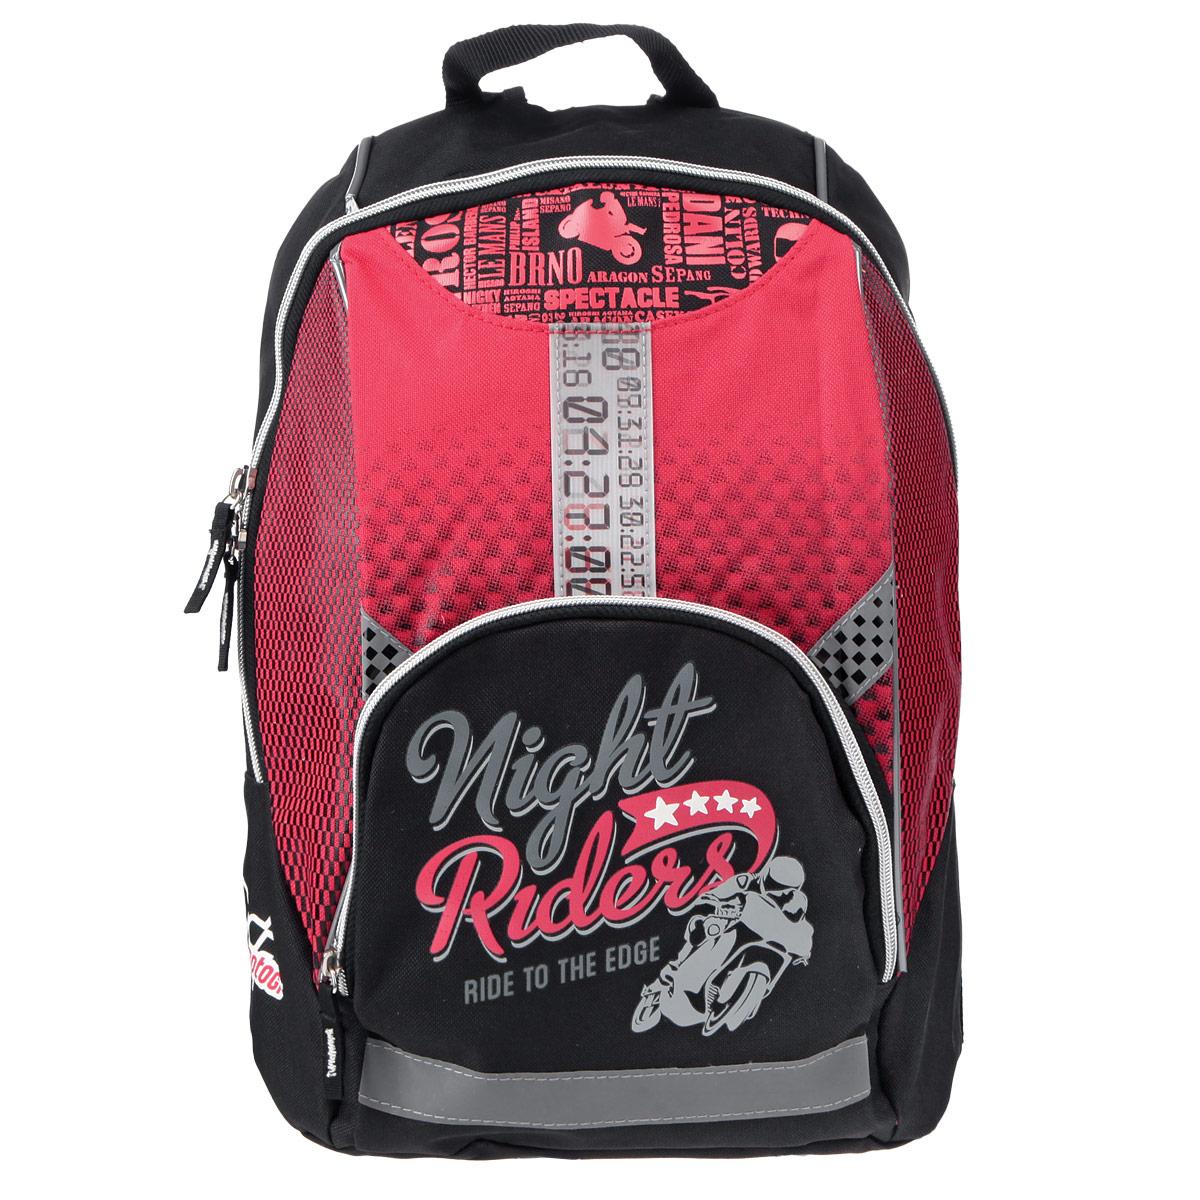 Рюкзак детский Motor GP, цвет: красный, черныйMGBB-UT1-7068Детский рюкзак Motor GP - это стильный вместительный рюкзак, который придется по вкусу любому ребенку. Рюкзак выполнен из плотного износостойкого материала черного цвета с красными вставками. Состоит из одного отделения, закрывающегося на застежку-молнию. Внутри рюкзака находится просторный накладной карман на липучке. На фронтальной части рюкзака предусмотрен карман на молнии для мелочей. Корпус и дно рюкзака мягкие, спинка выполнена из поролона. Лямки специальной S-образной формы с поролоном и воздухообменным сетчатым материалом, регулируемые по длине. В рюкзаке Motor GP ваш ребенок с удовольствием будет носить свои вещи или любимые игрушки.